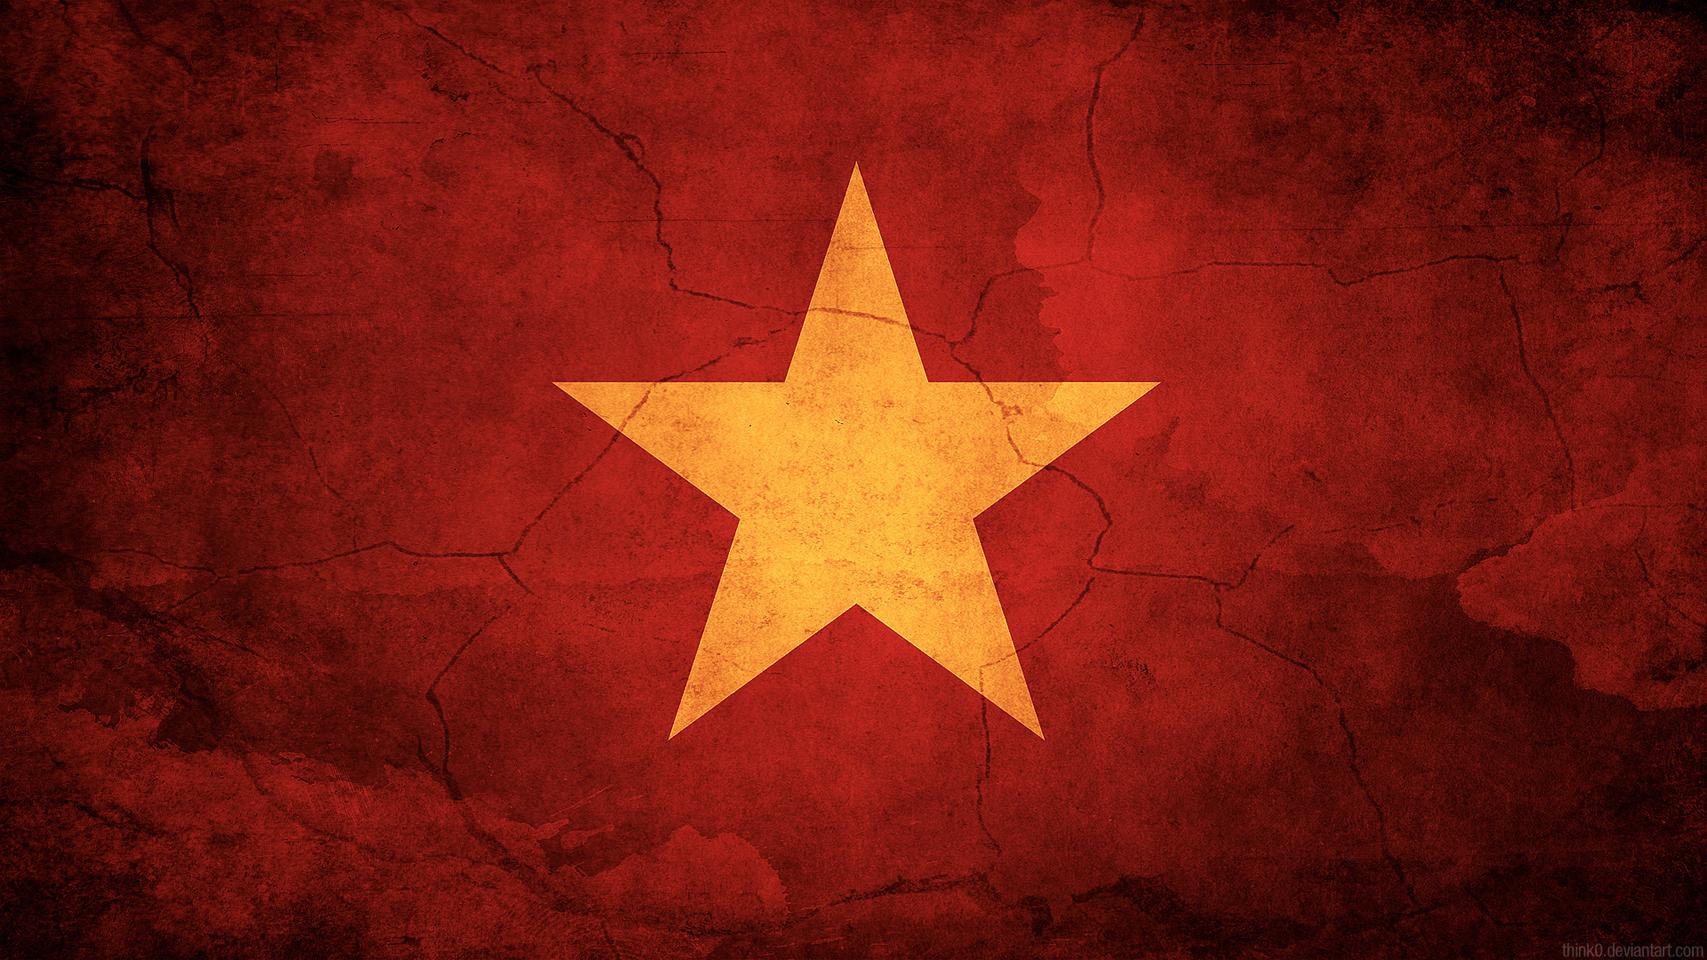 Hình nền lá cờ Việt Nam, Cờ đỏ sao vàng - Full HD